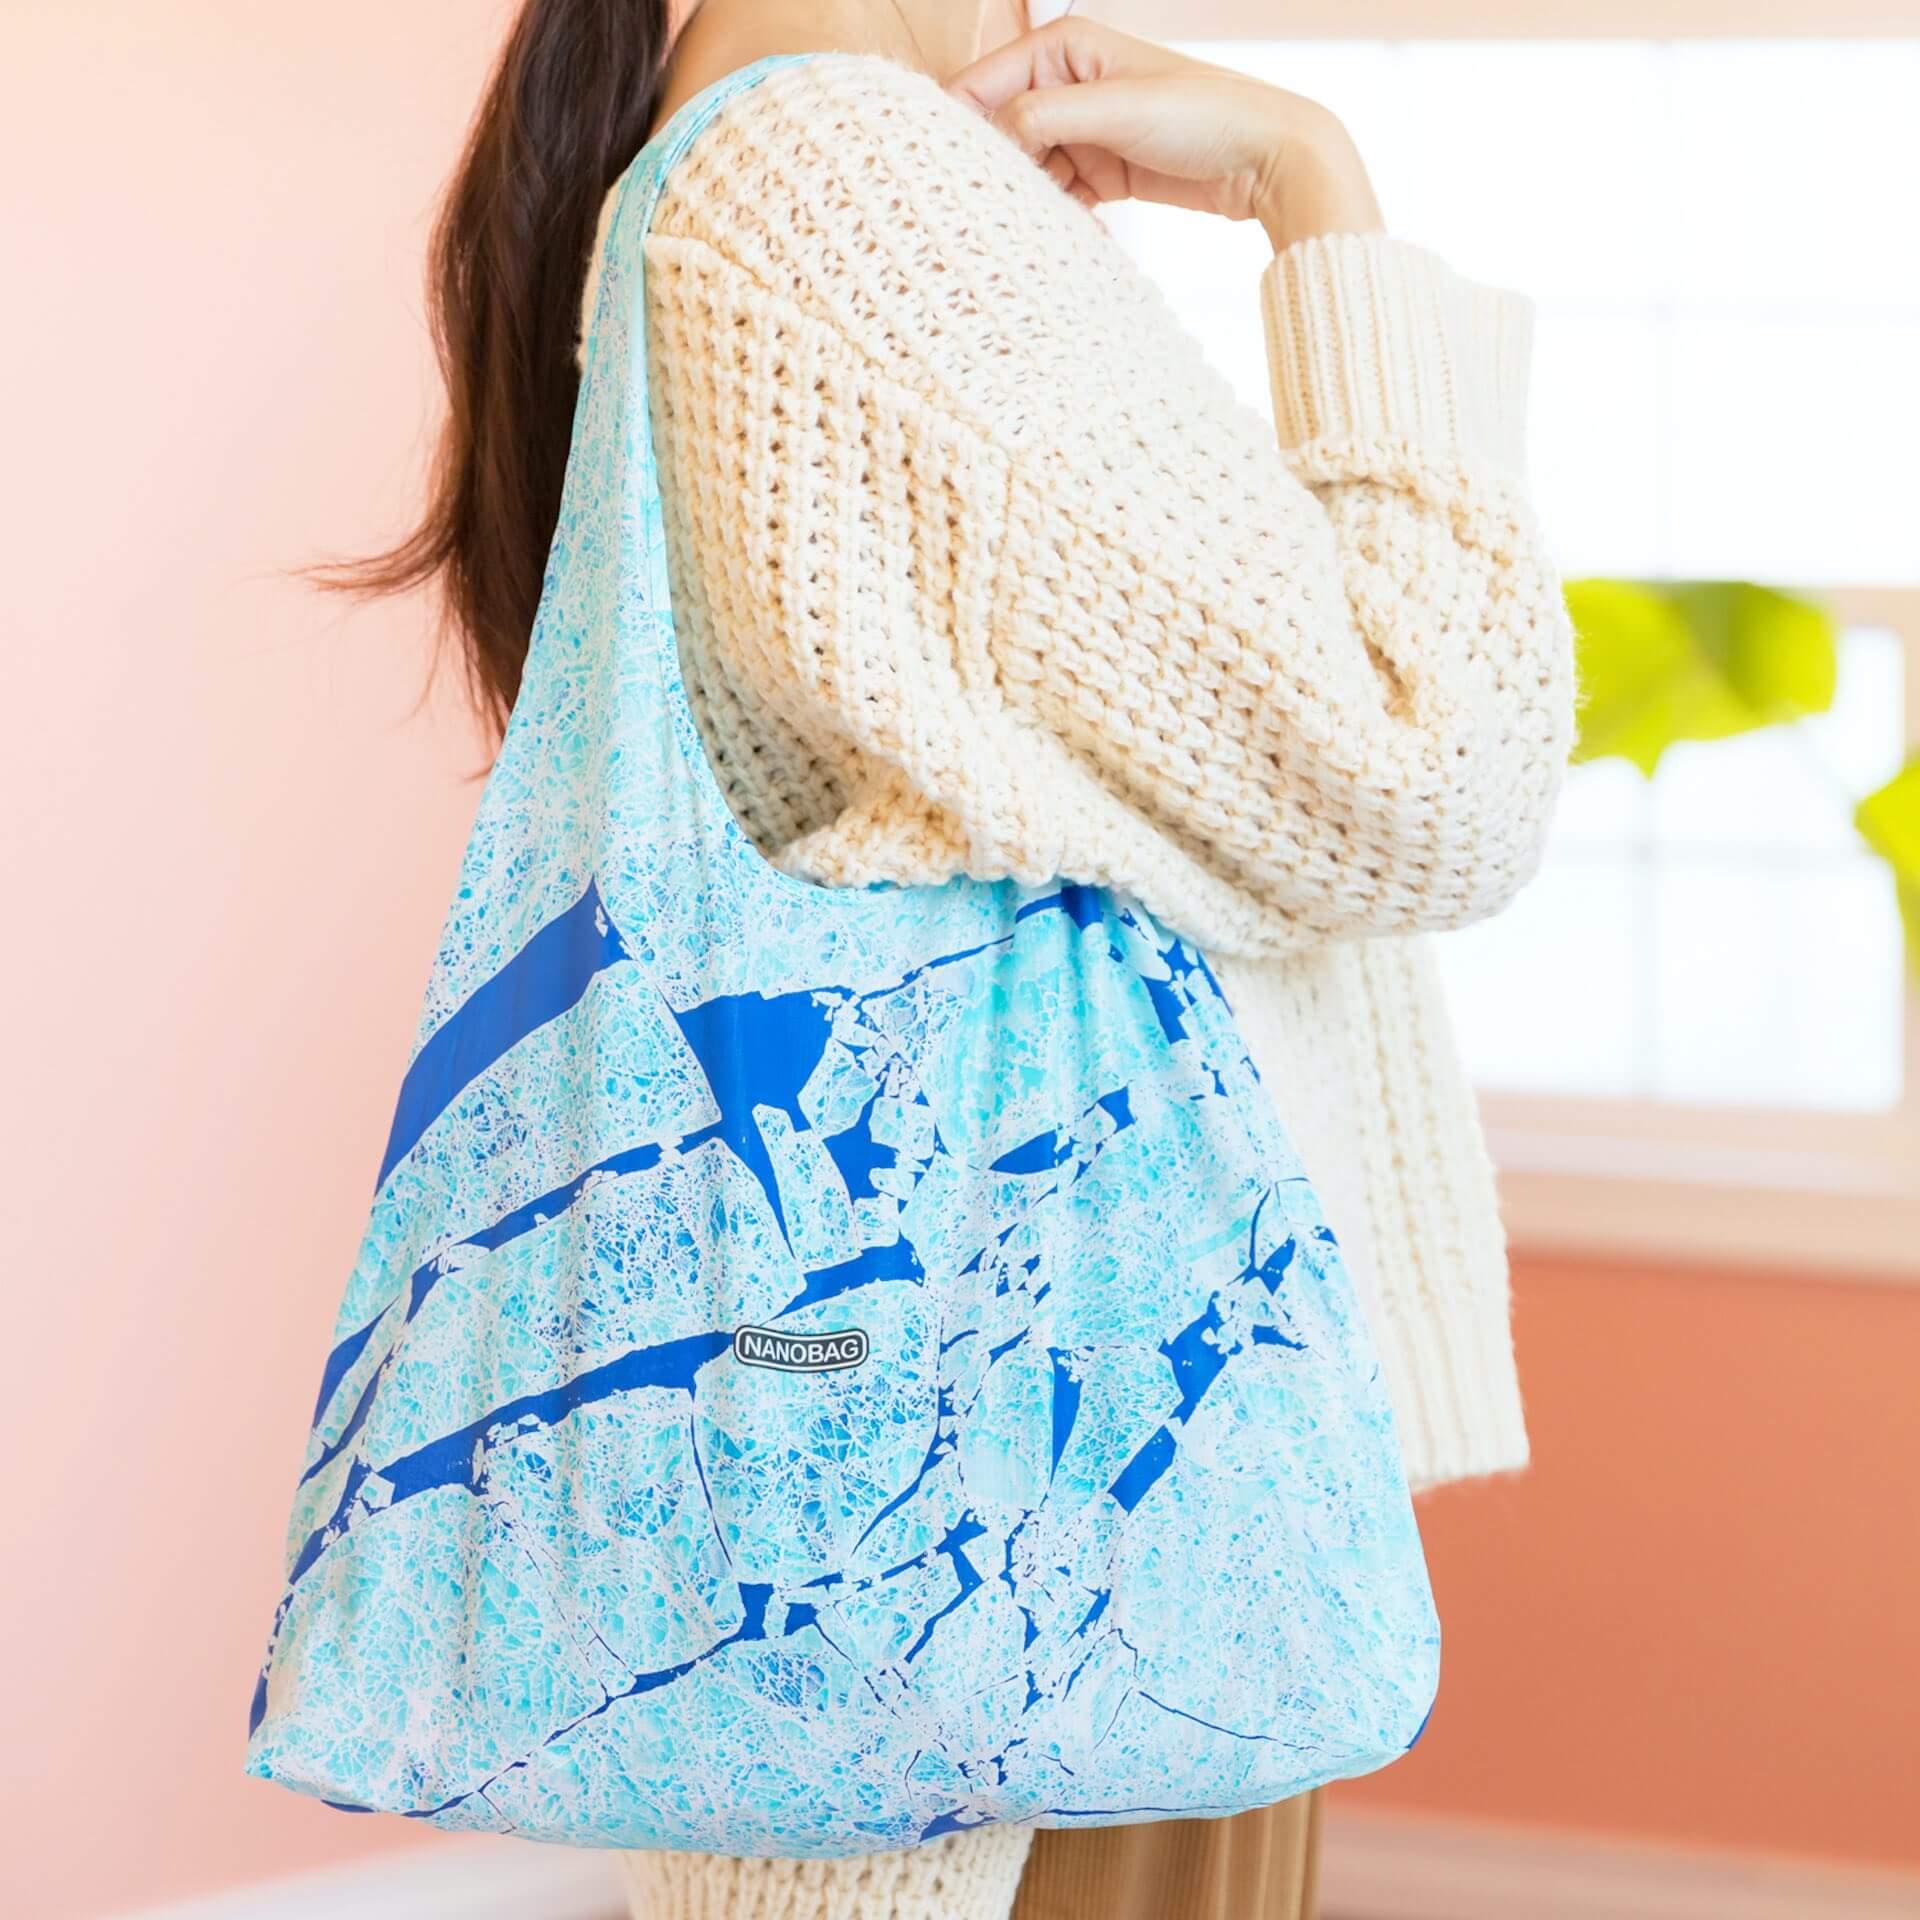 手のひらサイズのエコバッグ『NANOBAG』でお買い物しよう!全国販売を記念したTwitterプレゼントキャンペーンが実施 ac200714_nanobag_10